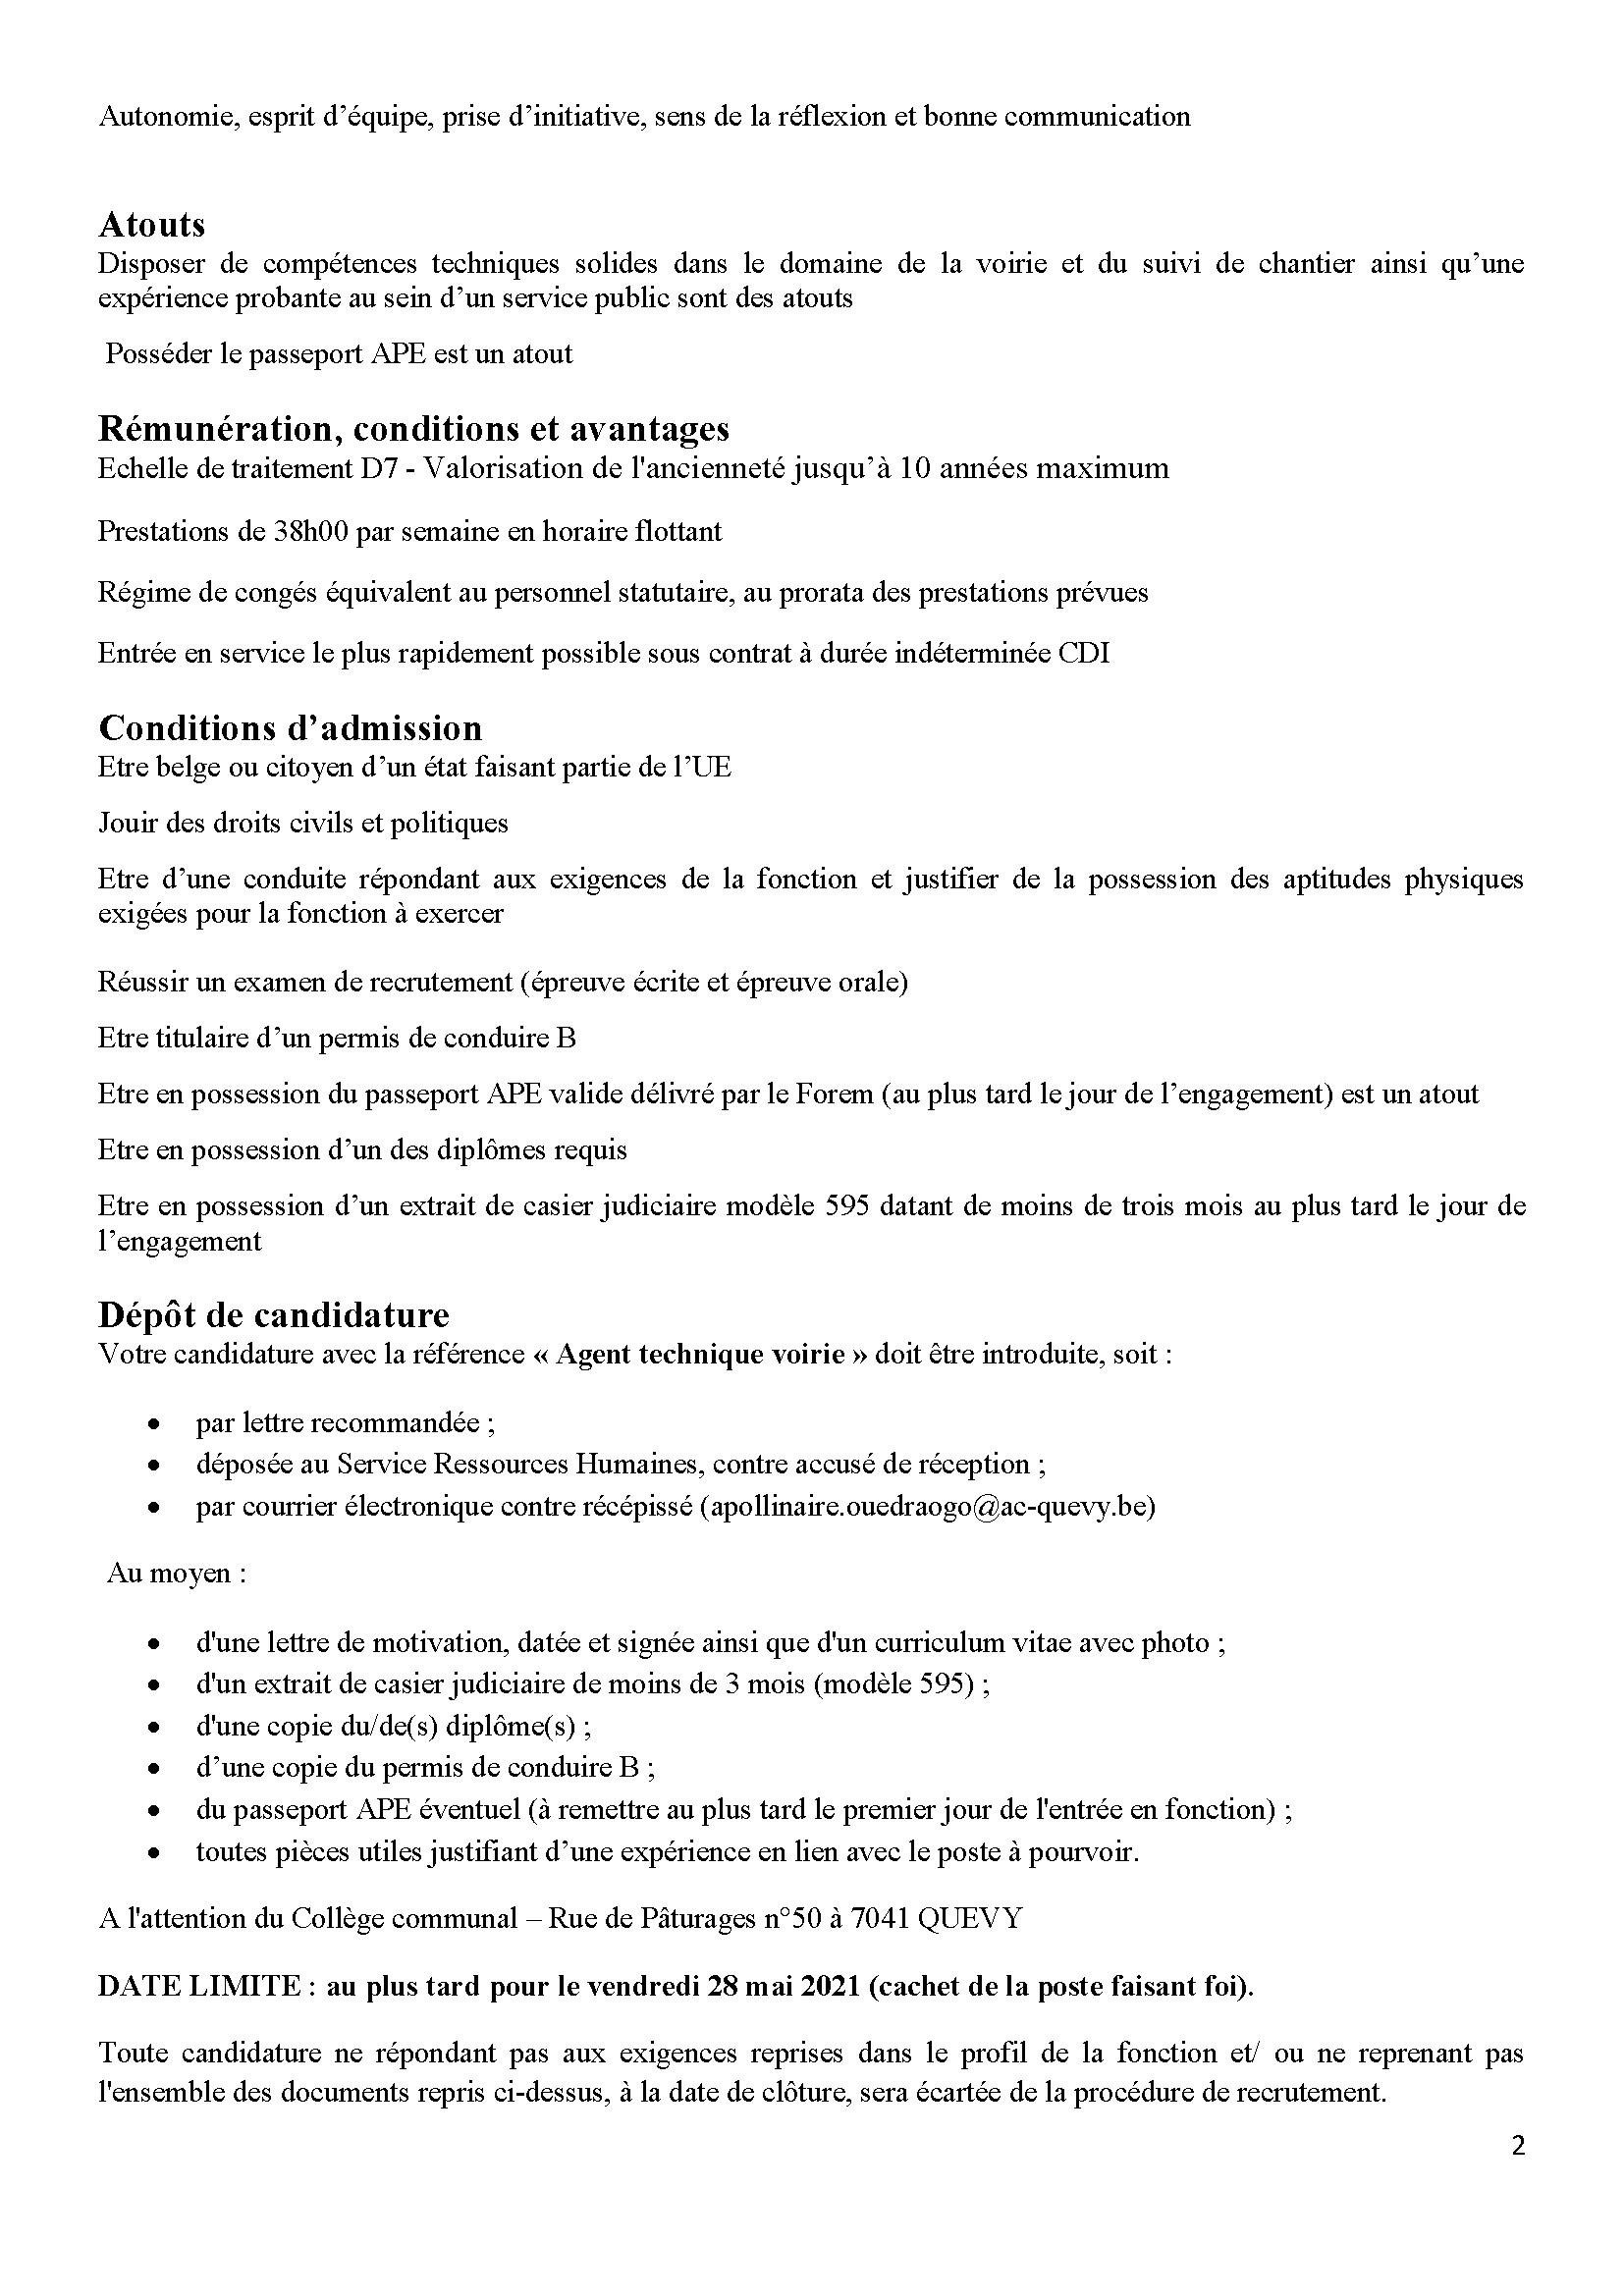 profil de fonction - agent technique  d7 travaux publics & voirie_page_2.jpg